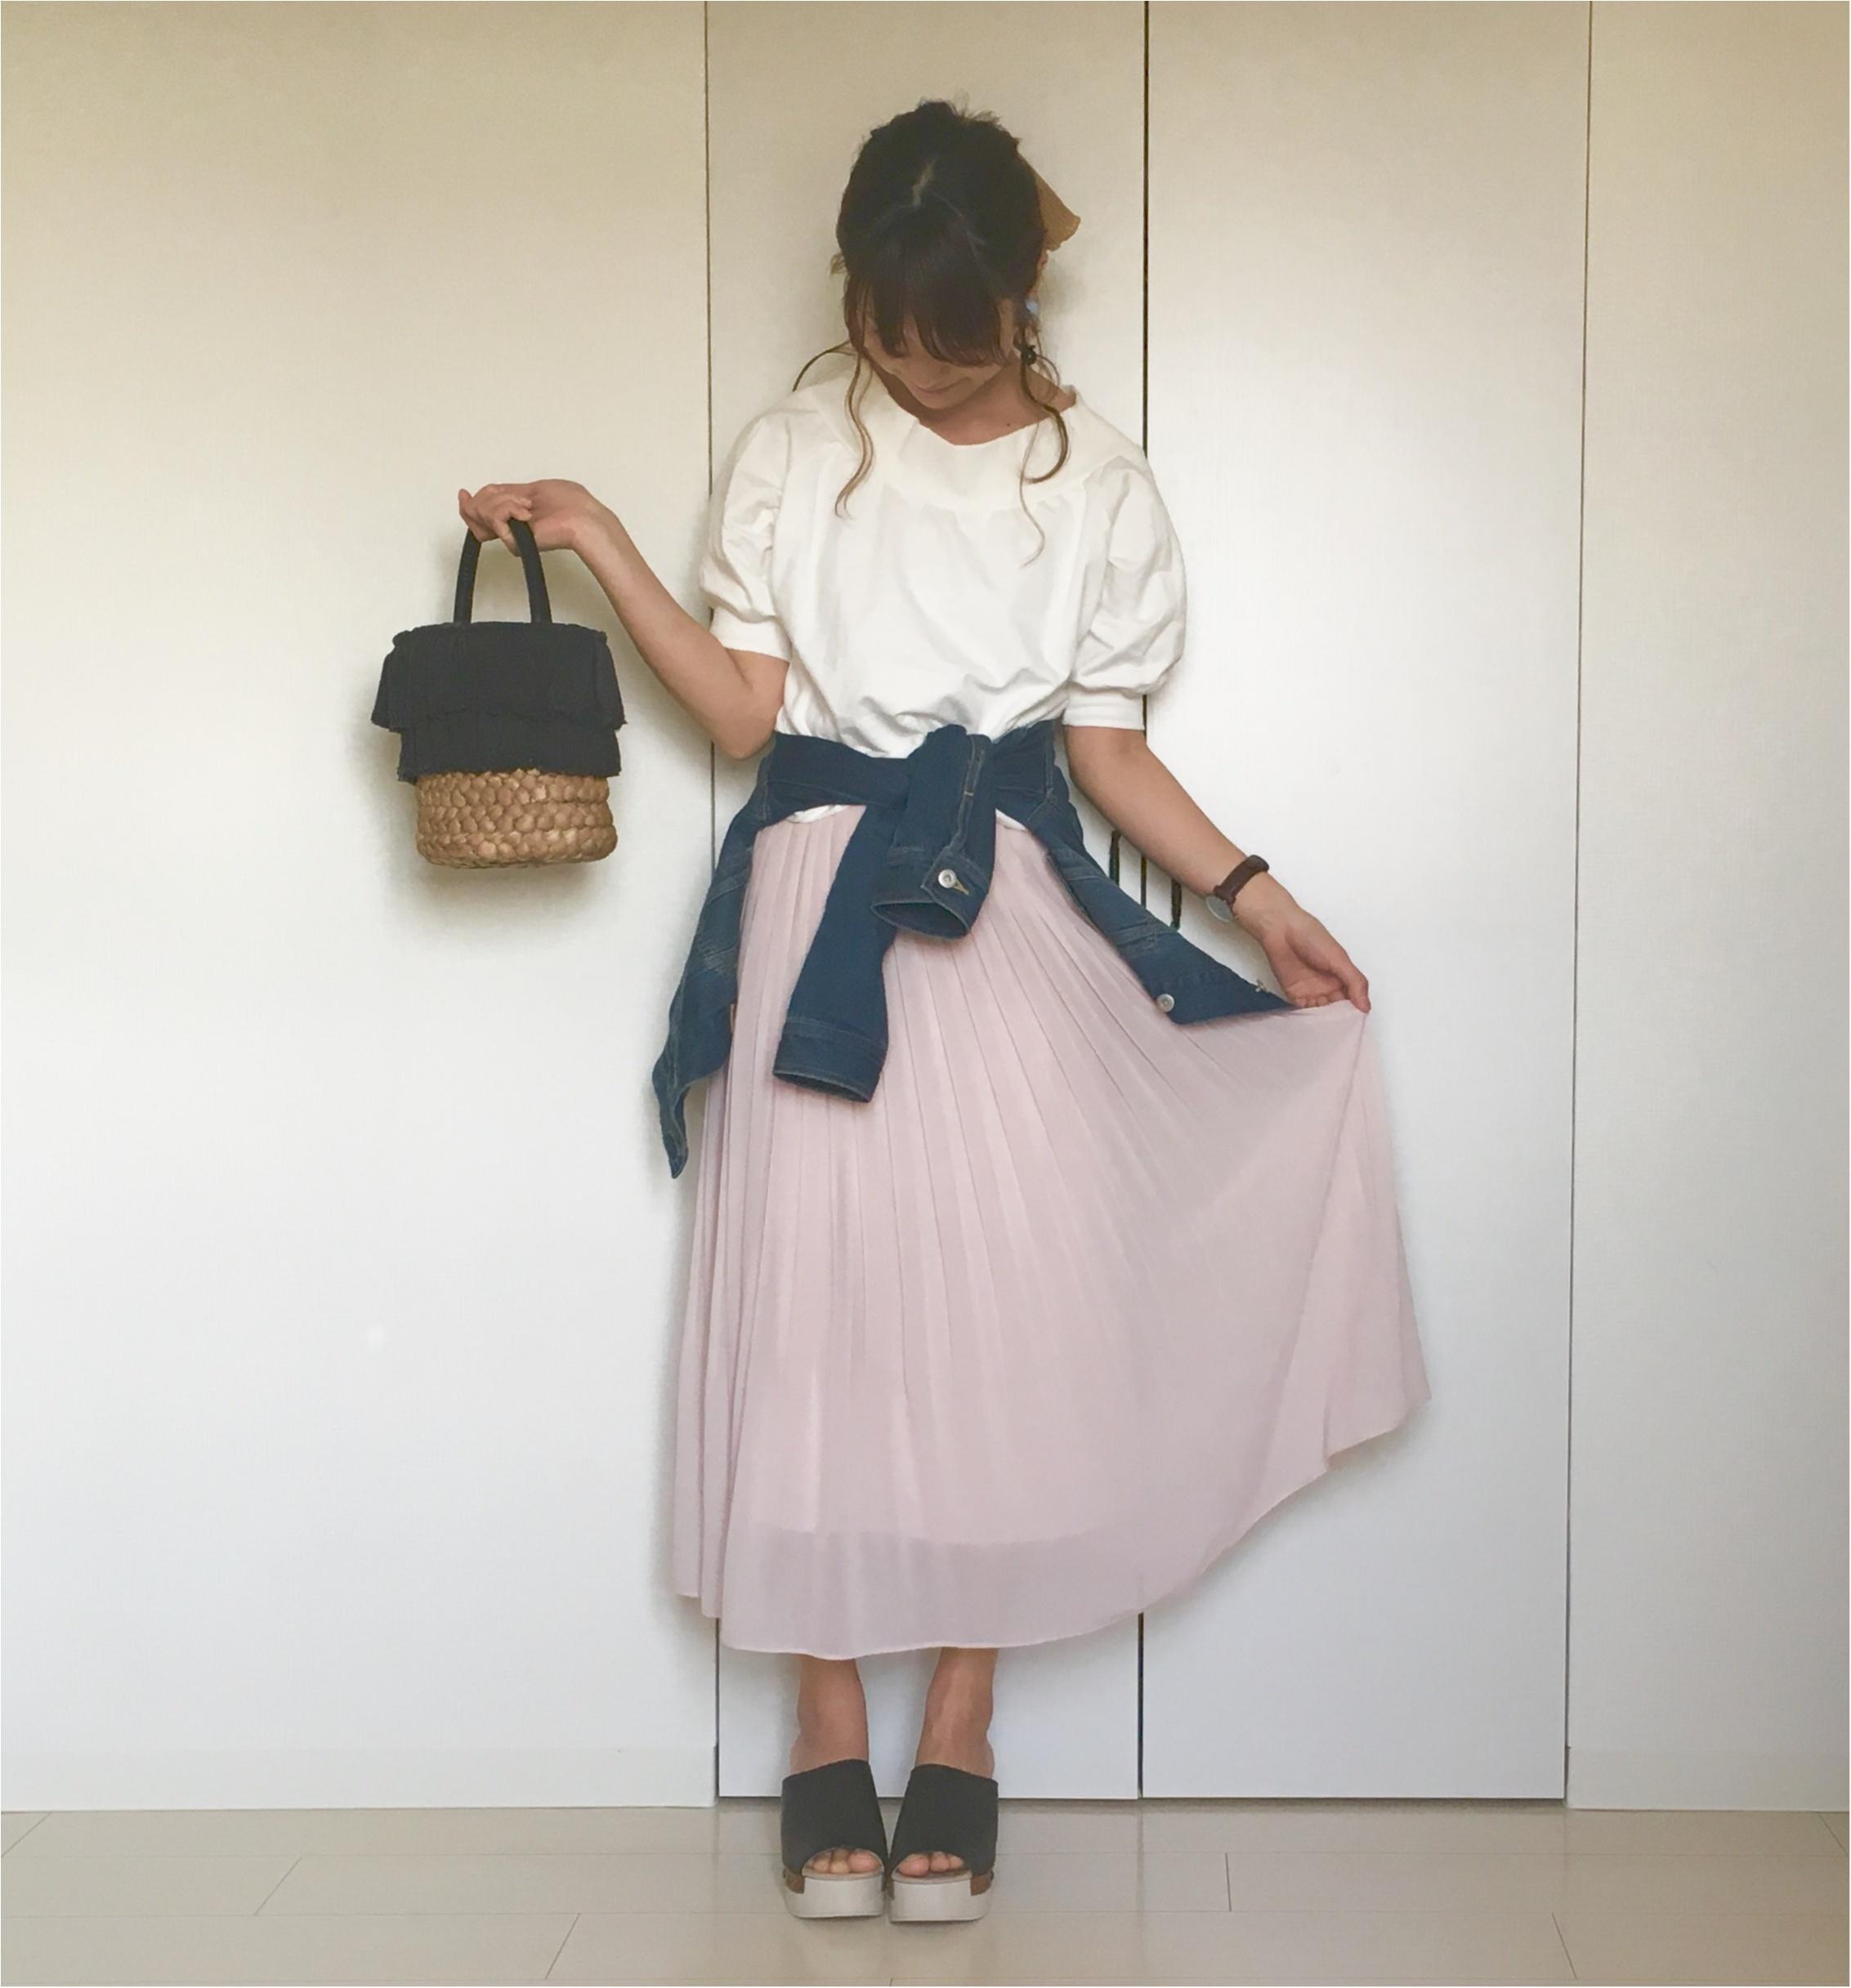 【ユニクロ】揺れ感が可愛すぎる❤️待ちに待った《春色スカート》は買うなら今がオススメ!_4